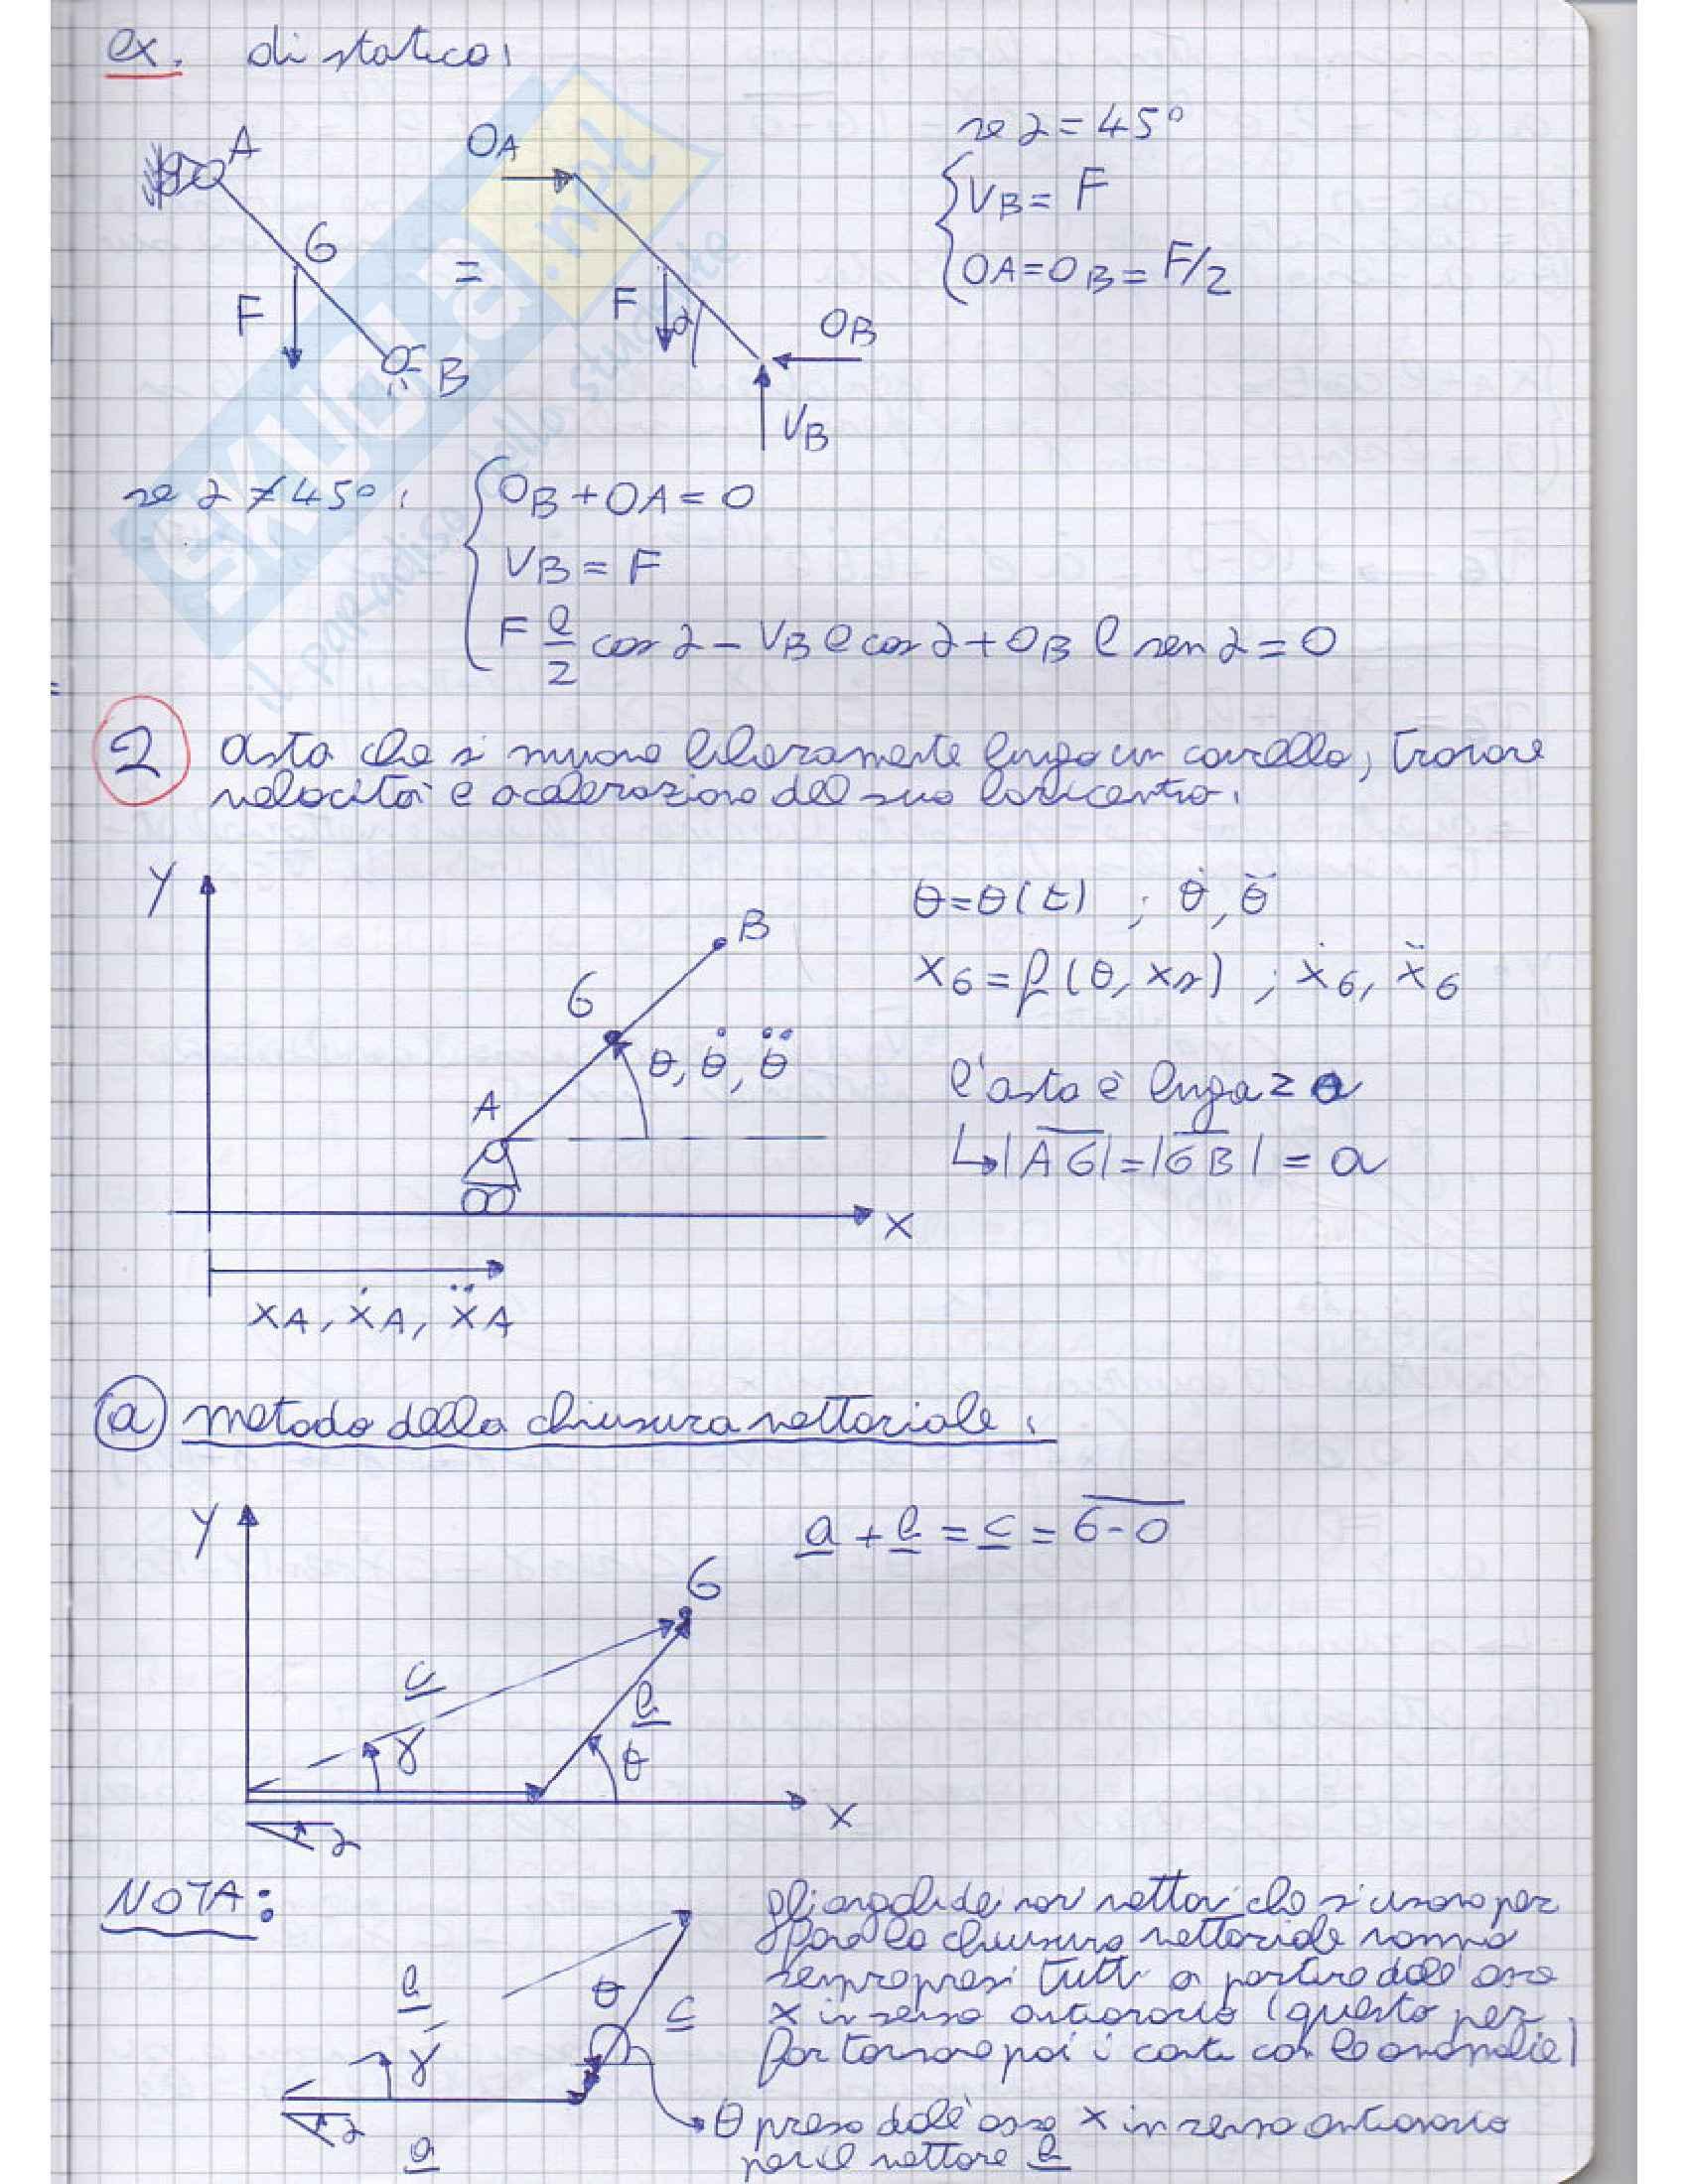 Meccanica applicata alle macchine - Appunti Pag. 31